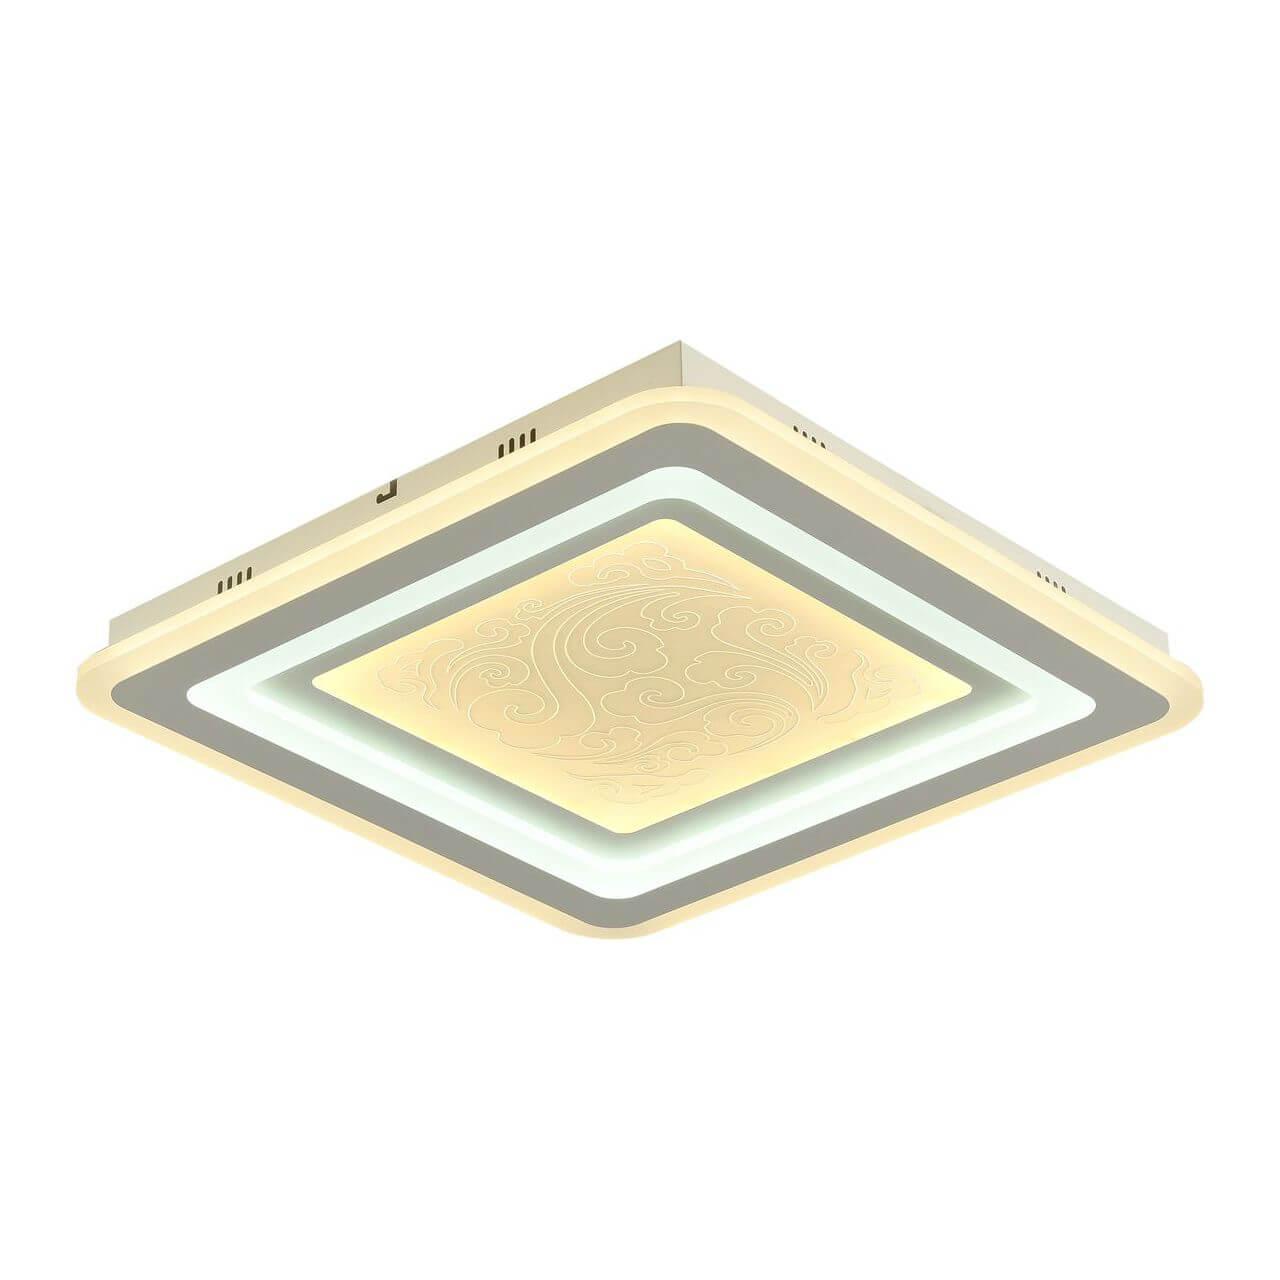 Потолочный светильник F-Promo 2282-5C, LED, 90 Вт светильник favourite ledolution 2283 5c